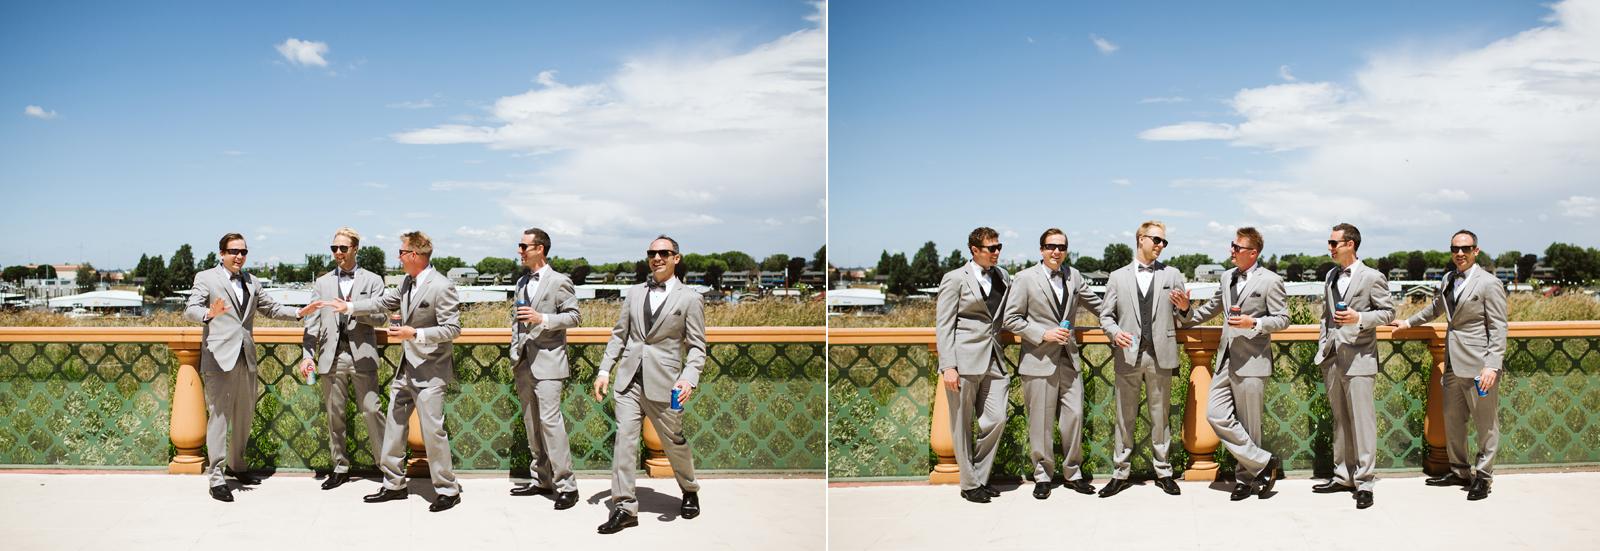 020-daronjackson-gabby-alec-wedding.jpg